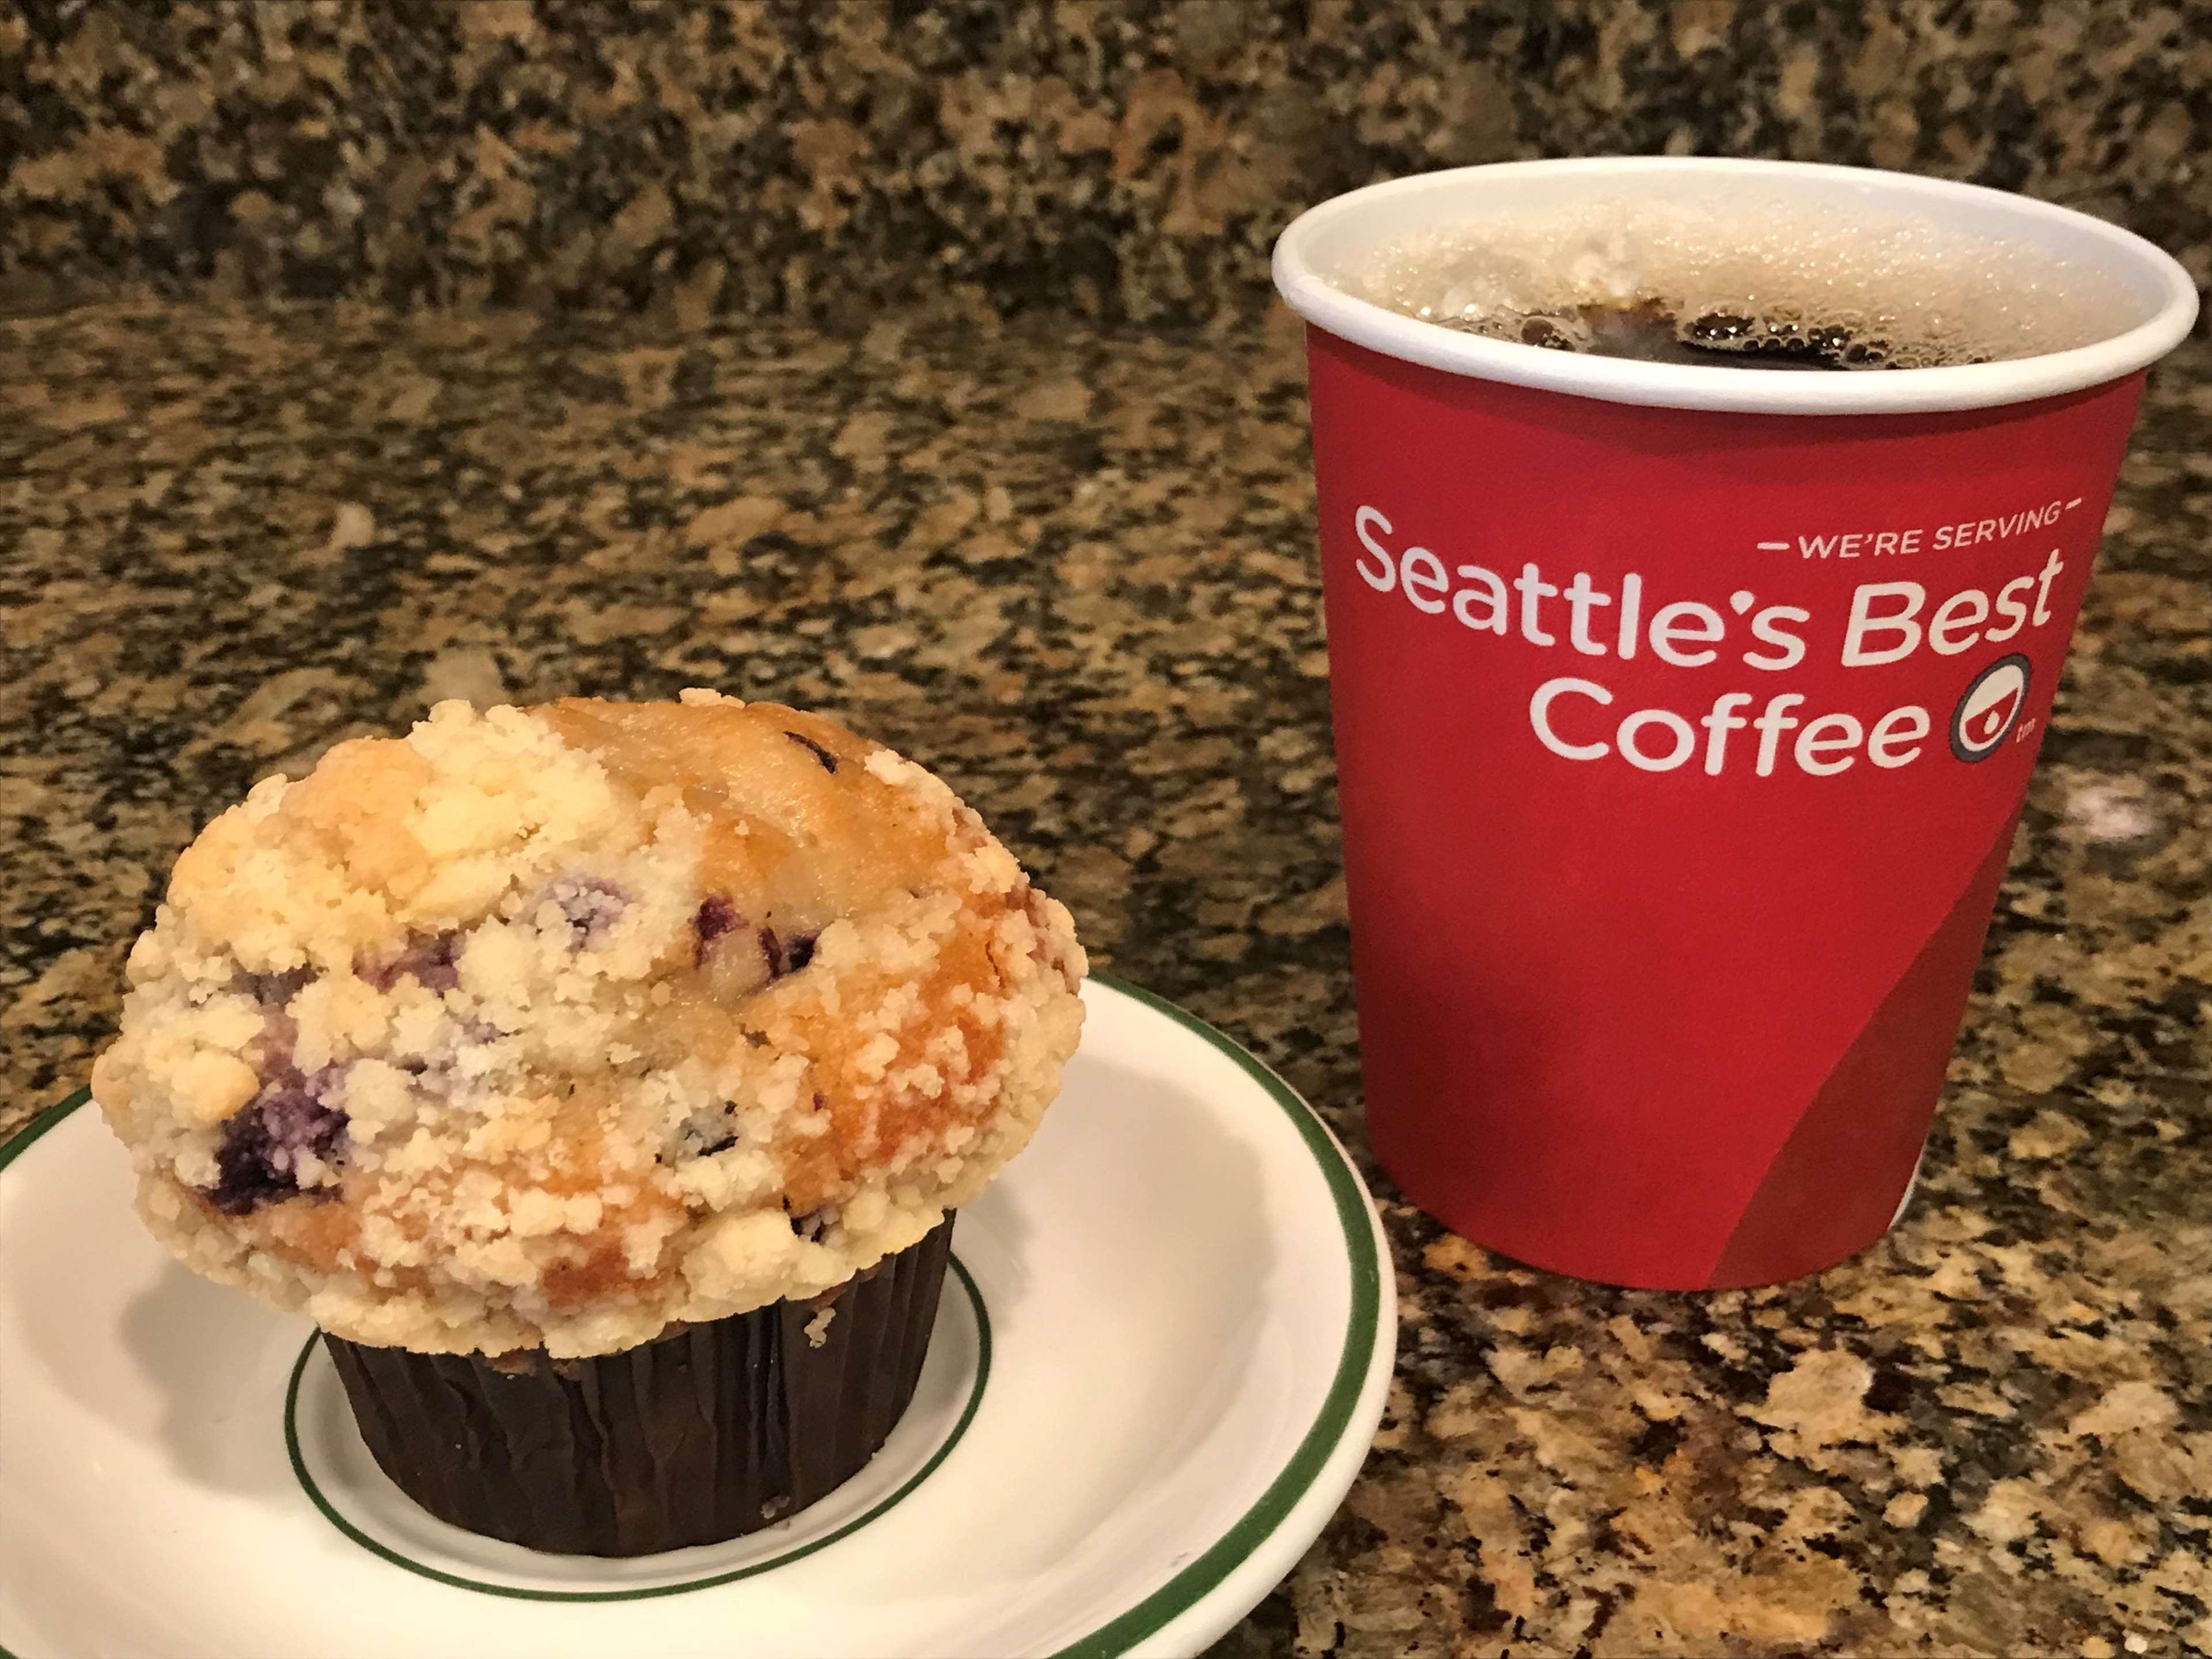 Serving Seattle's Best Coffee.